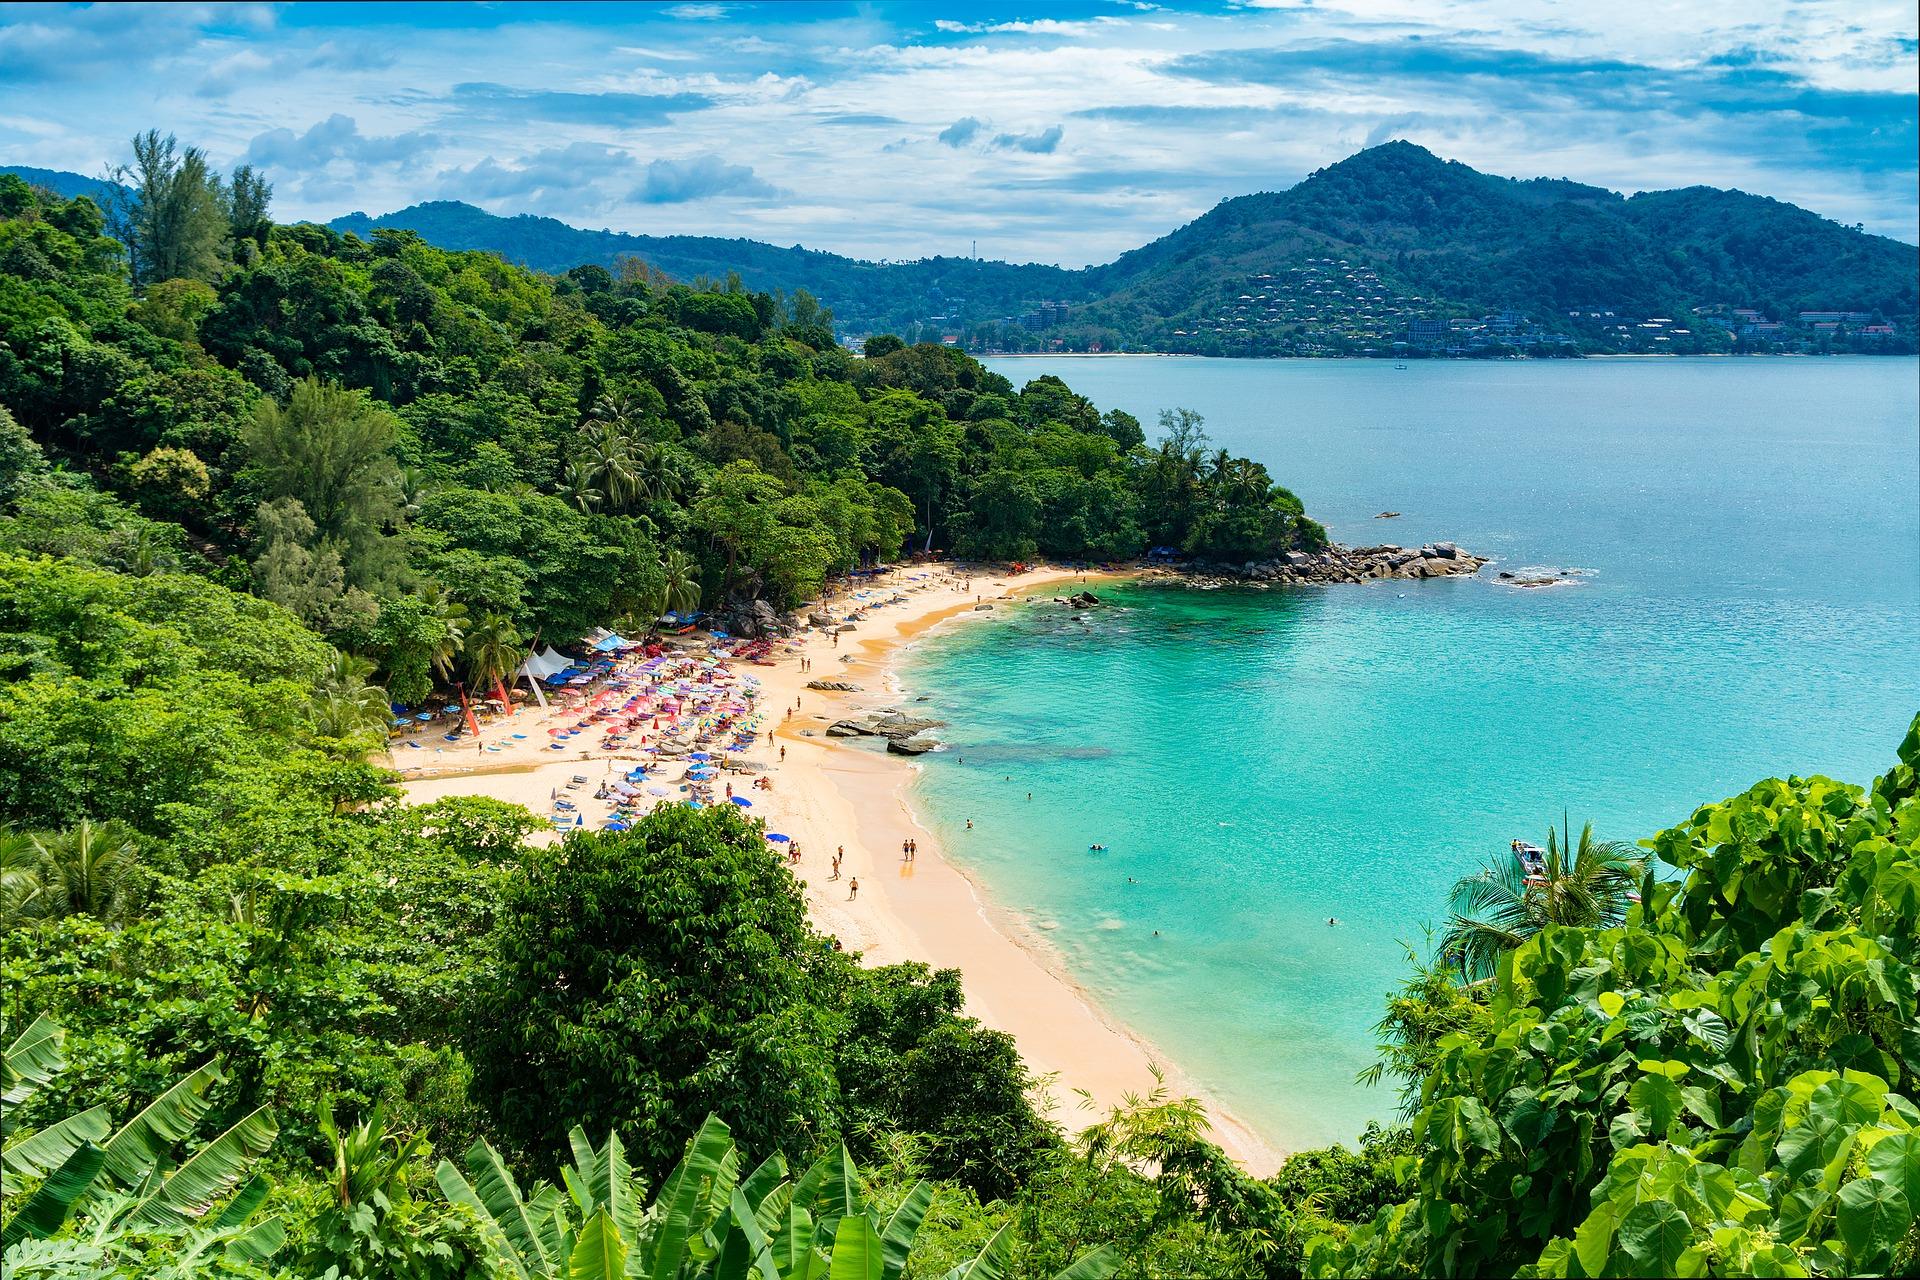 Die schönsten Buchten der thailändischen Insel Phuket